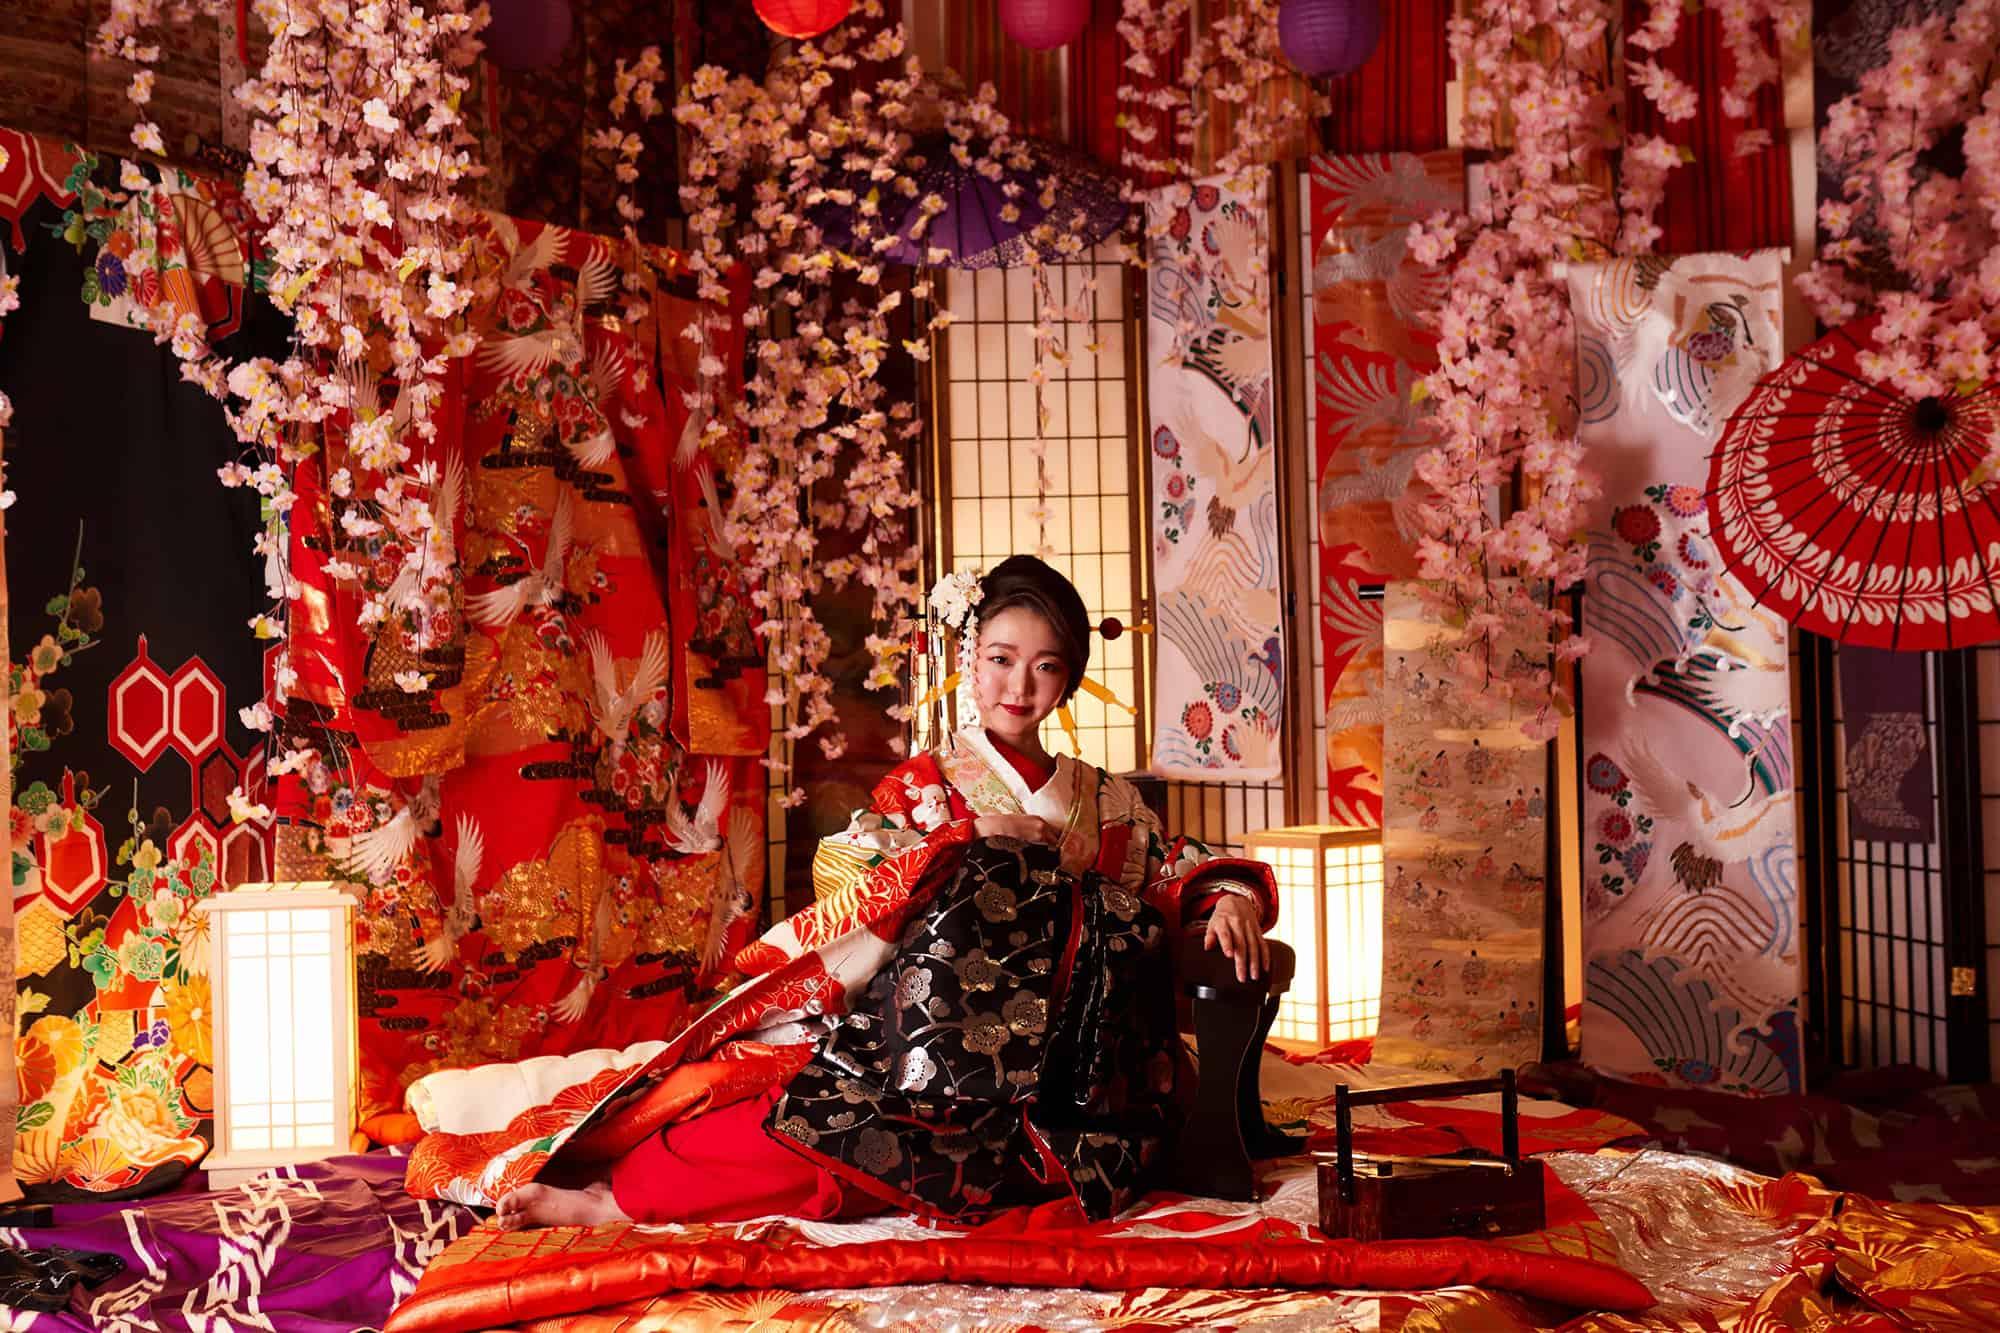 Solaniwa Onsen จ.โอซาก้า (Osaka) สามารถเช่าชุดยูกาตะเพื่อถ่ายรูปได้